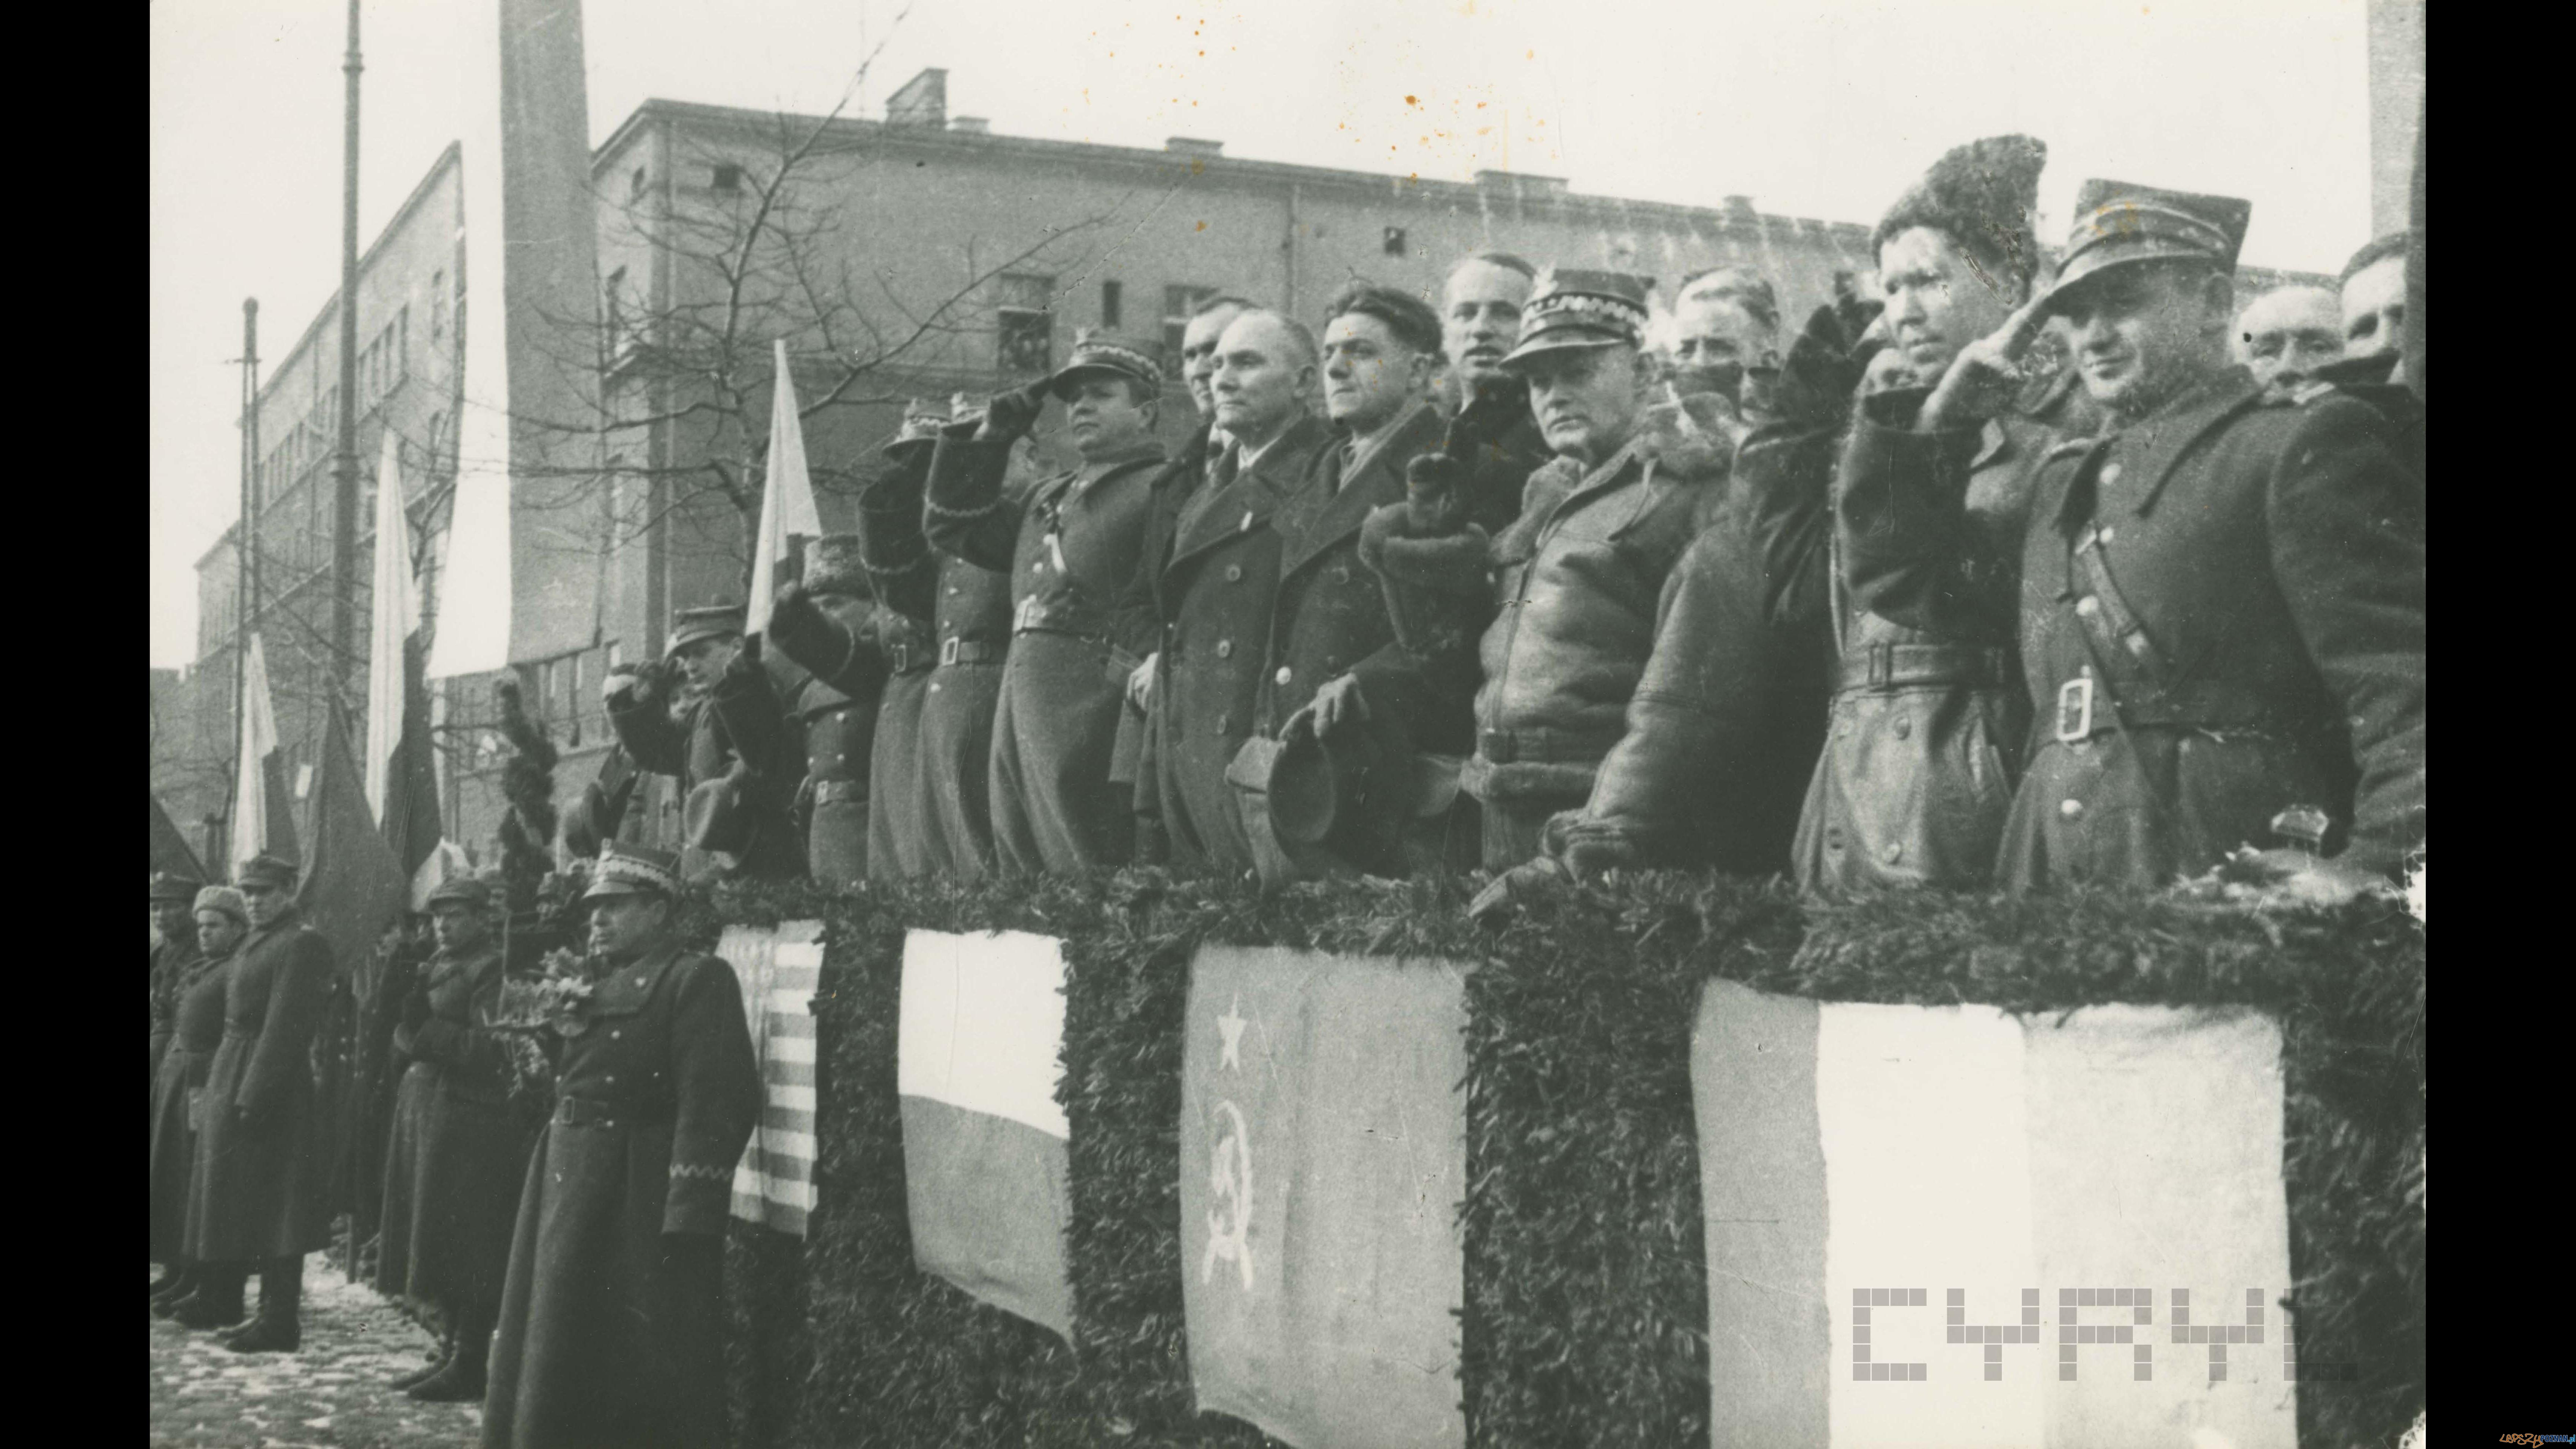 Trybuna honorowa na ul. Marszałka Focha (dziś Głogowska) - defilada z okazji wkroczenia do Poznania II Armii Wojska Polskiego i armii sowieckiej 7.03.1945